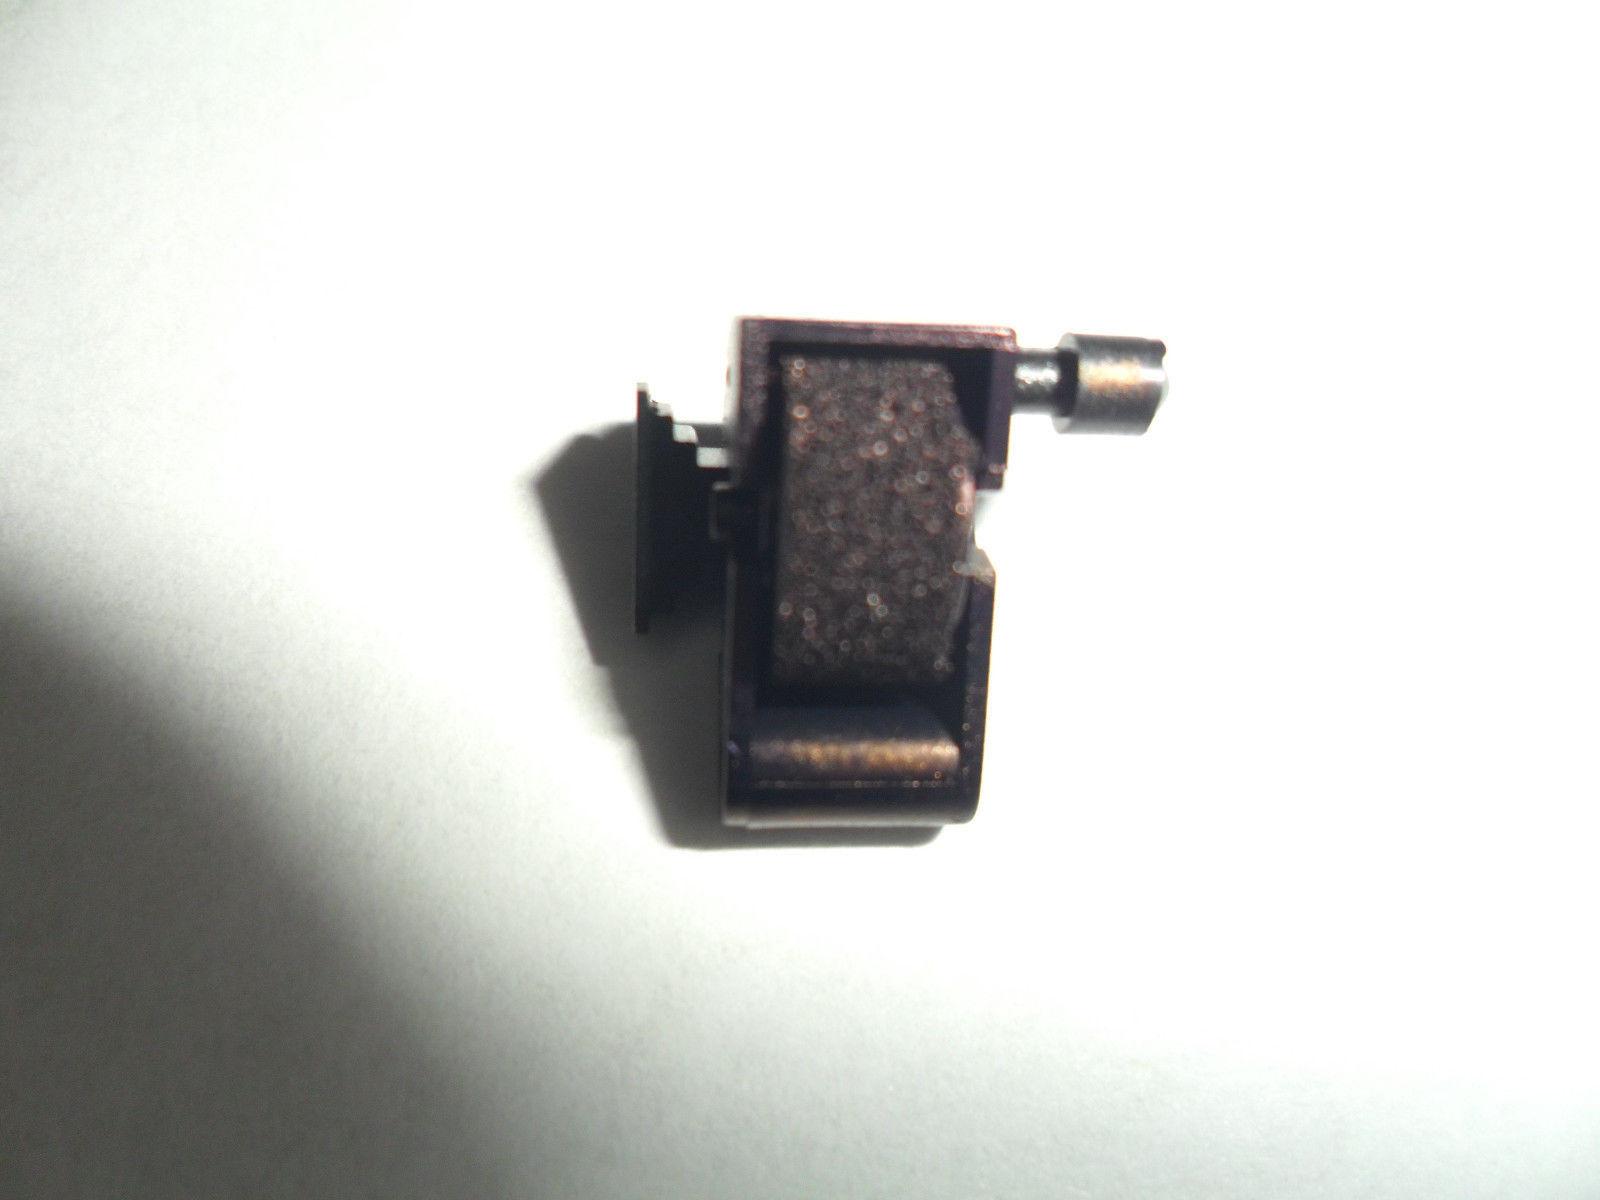 Sharp EL-1611H EL1611H Calculator Ink Roller Replaces Sharp EA-732R Purple